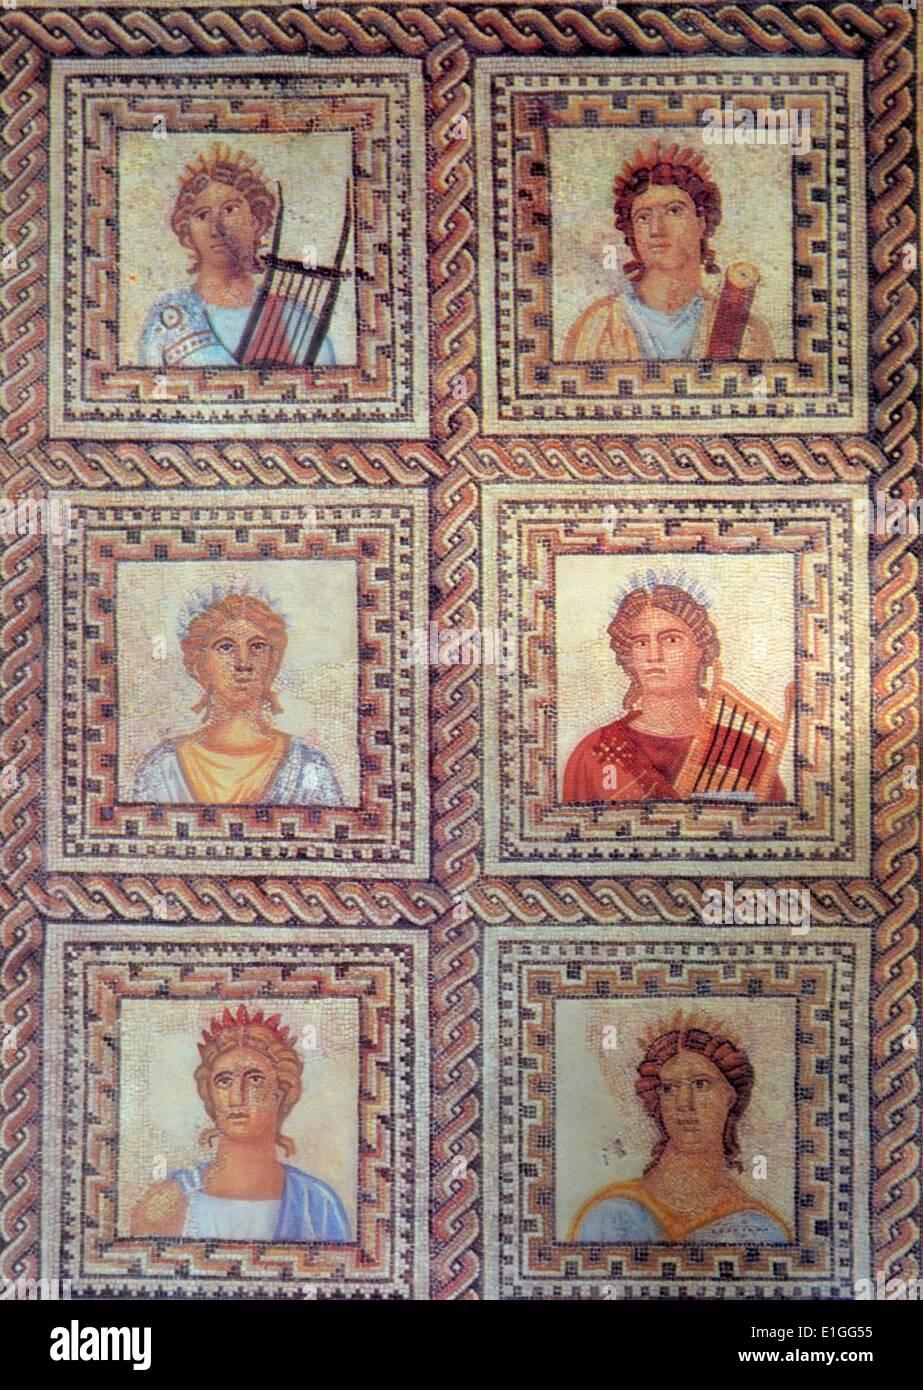 Mosaico de la diosa griega de las artes, la historia, la música y la poesía. Fechada en el siglo I A.C. Imagen De Stock